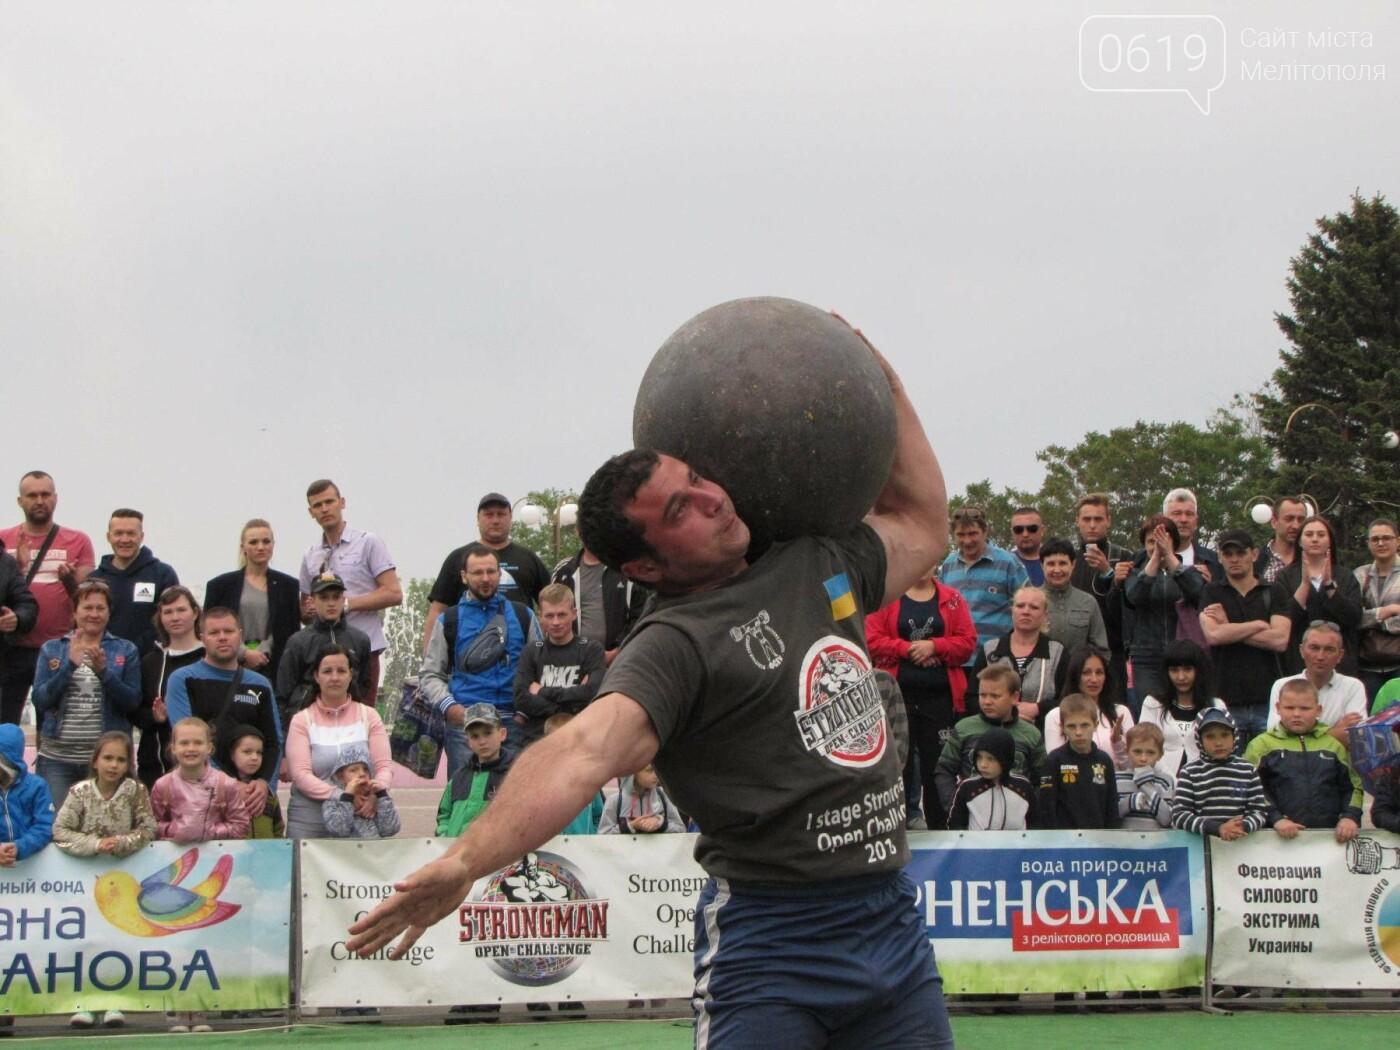 Три победы за неделю: мелитопольский богатырь выиграл второй этап международного чемпионата, фото-15